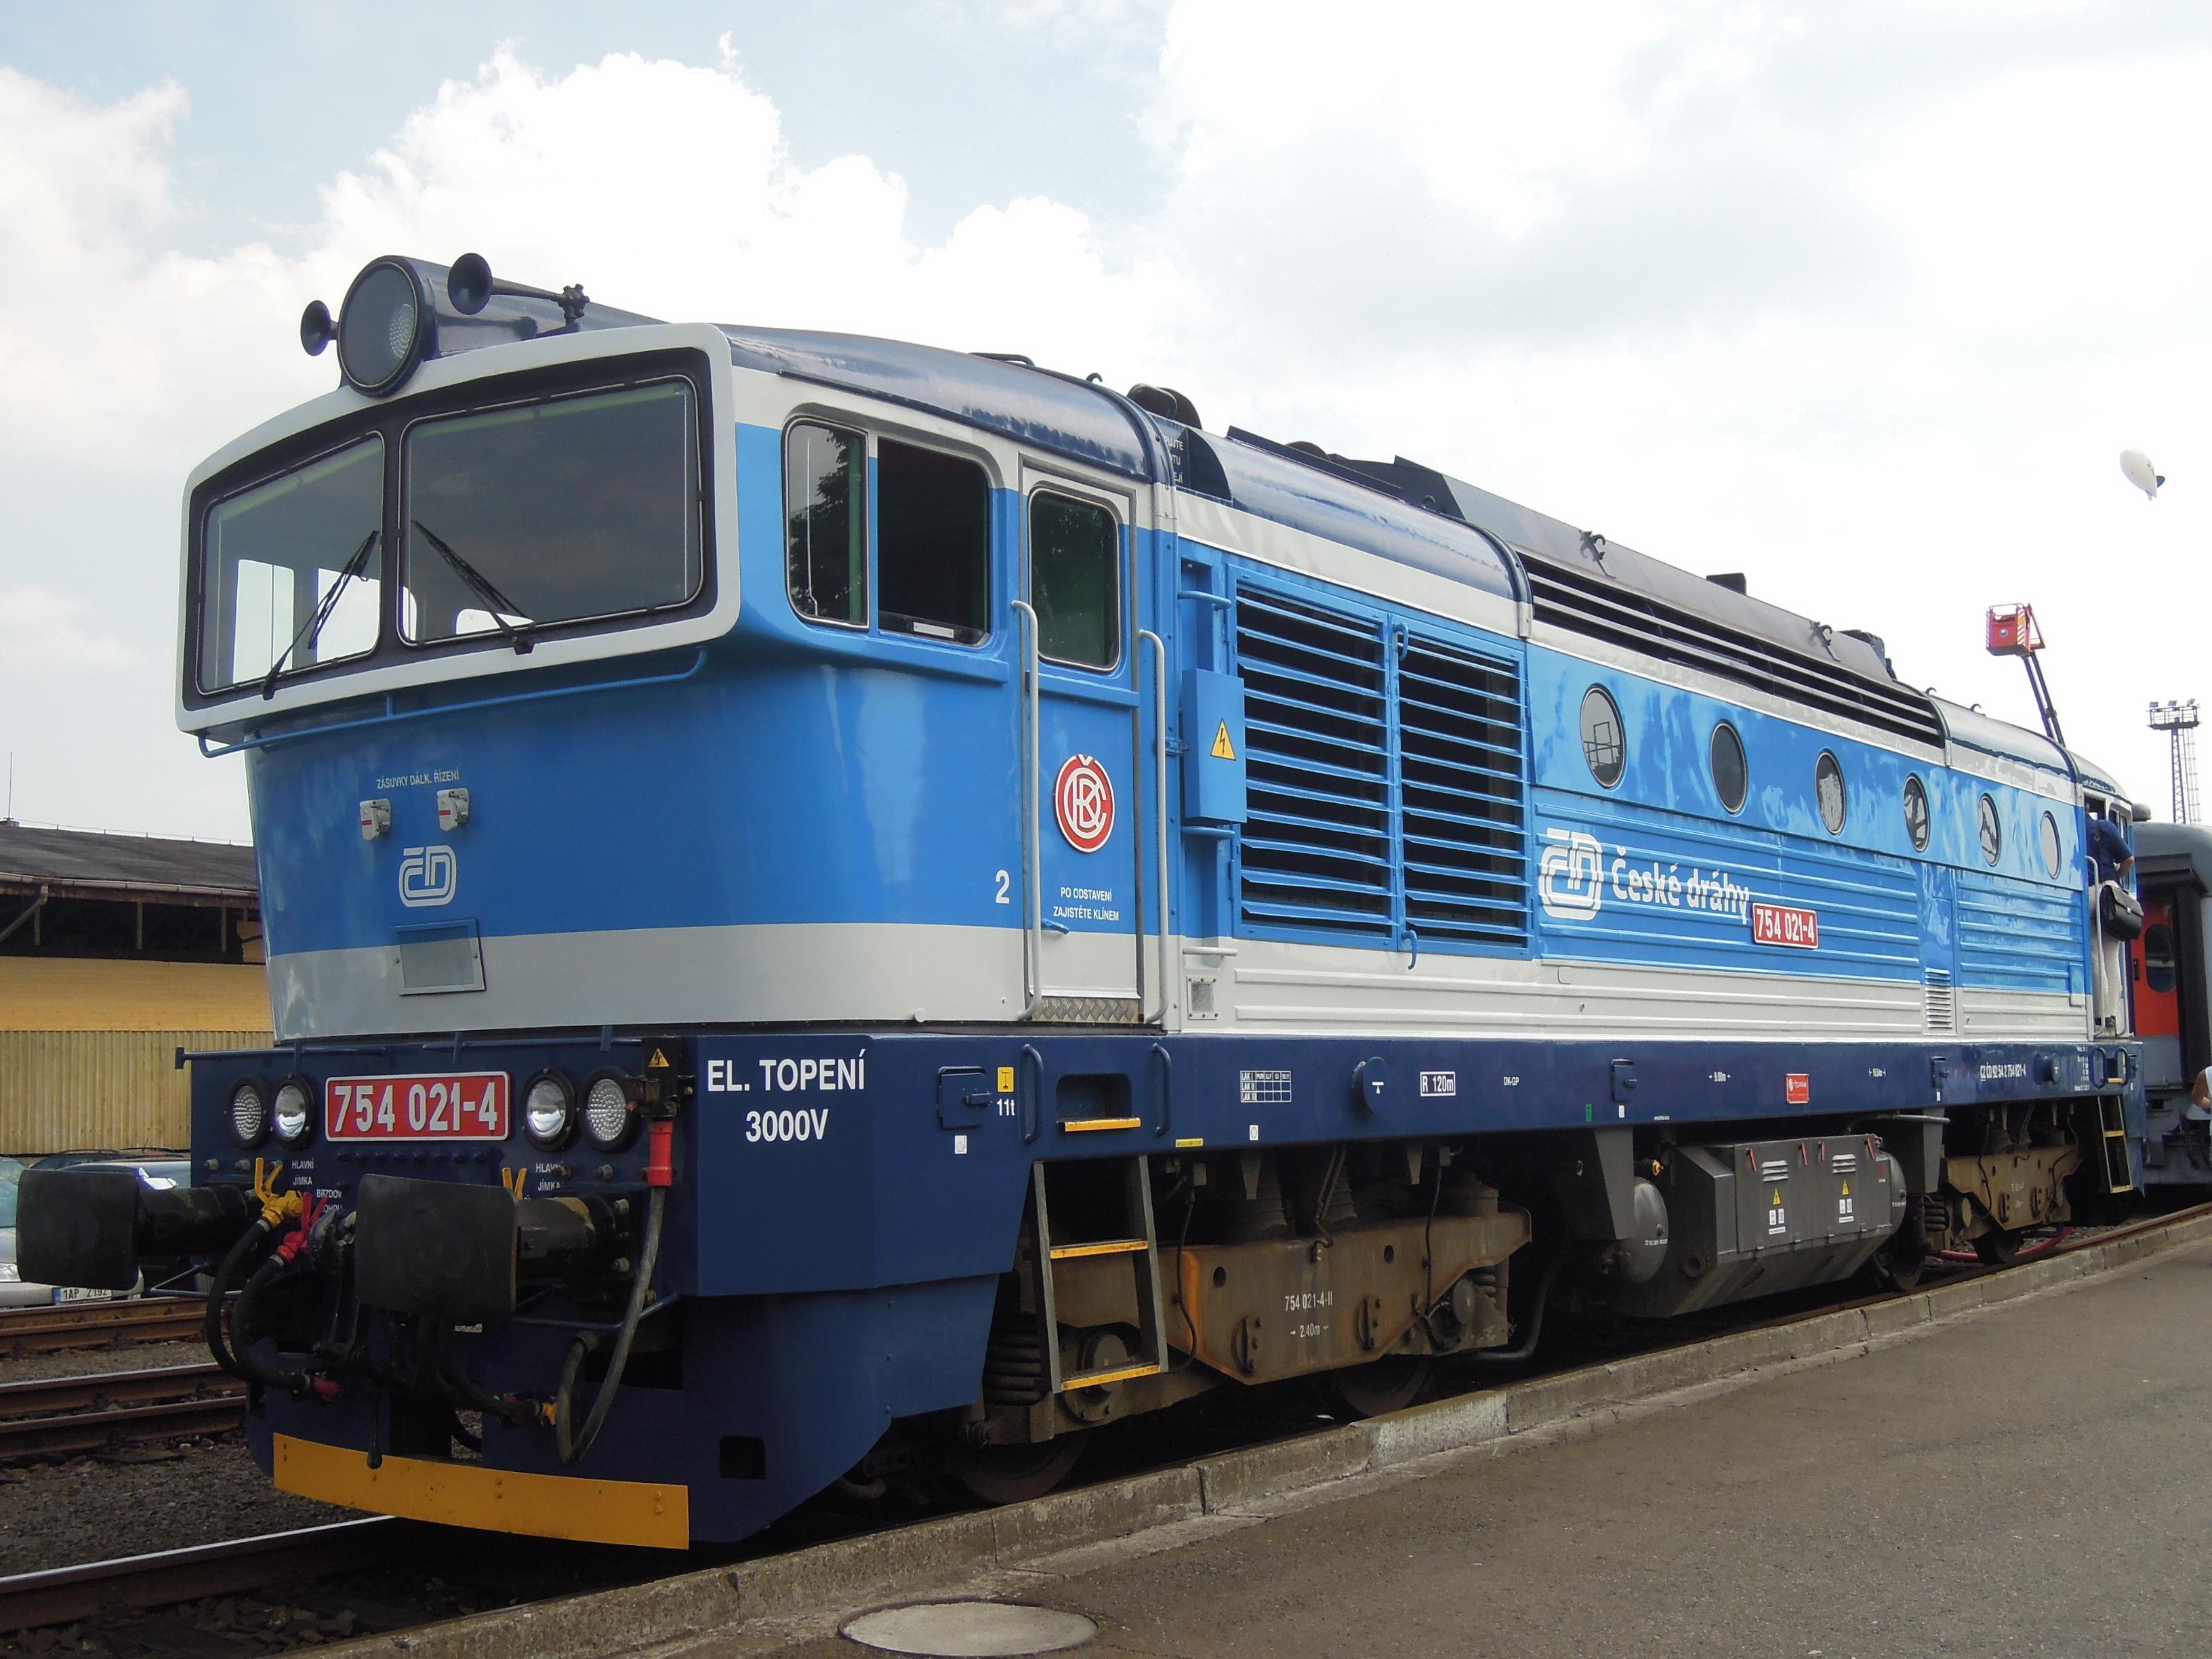 Czech_Raildays_2012,_%C4%8CD_754,_754_02